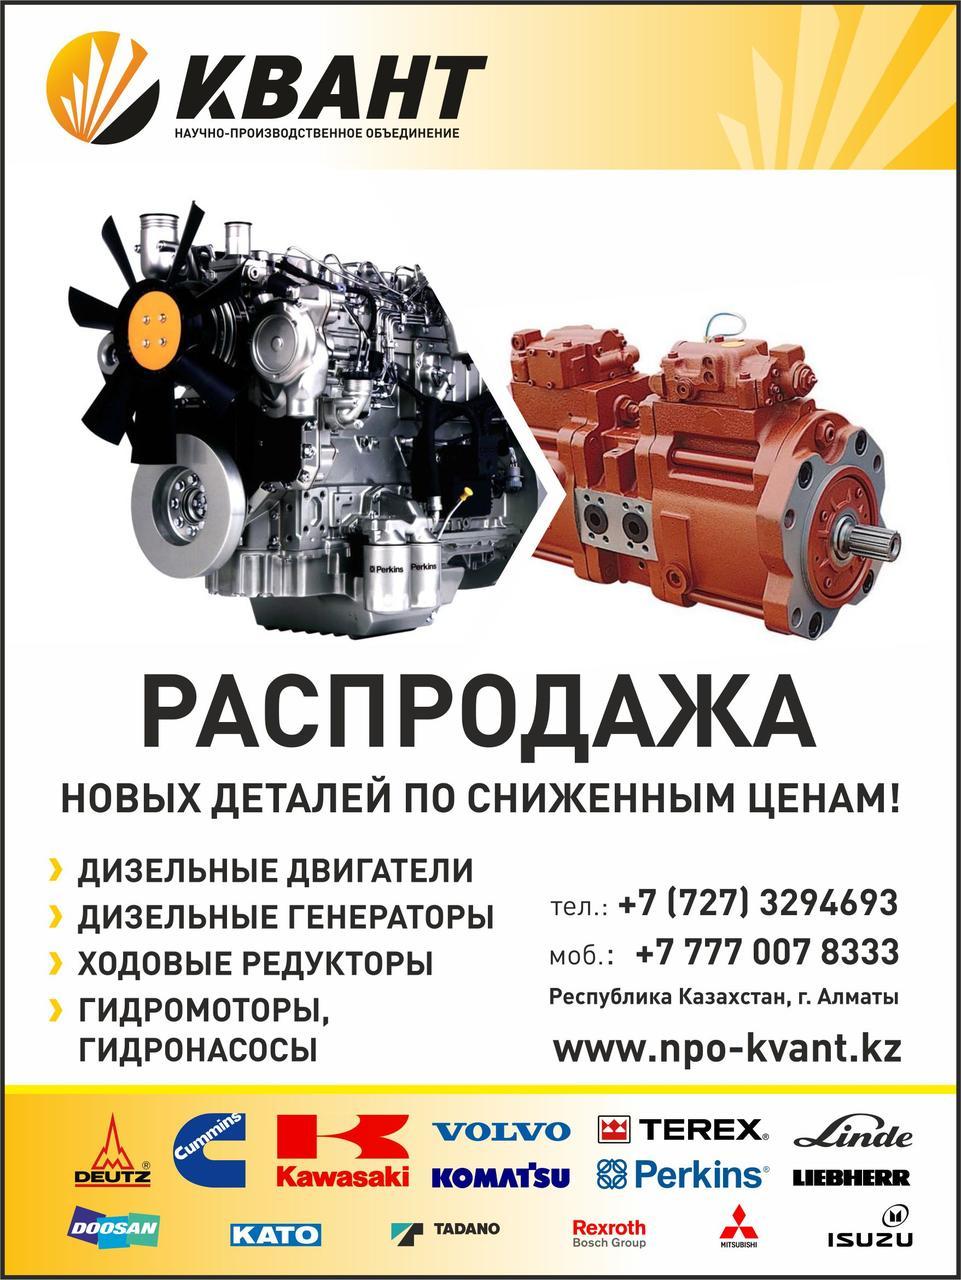 Двигатель Iveco F32MNT X20, F32MNA A85, F32MNSA85, F32MNT A85, F32MNT X88, F32SM, F32SM1A, F32TM